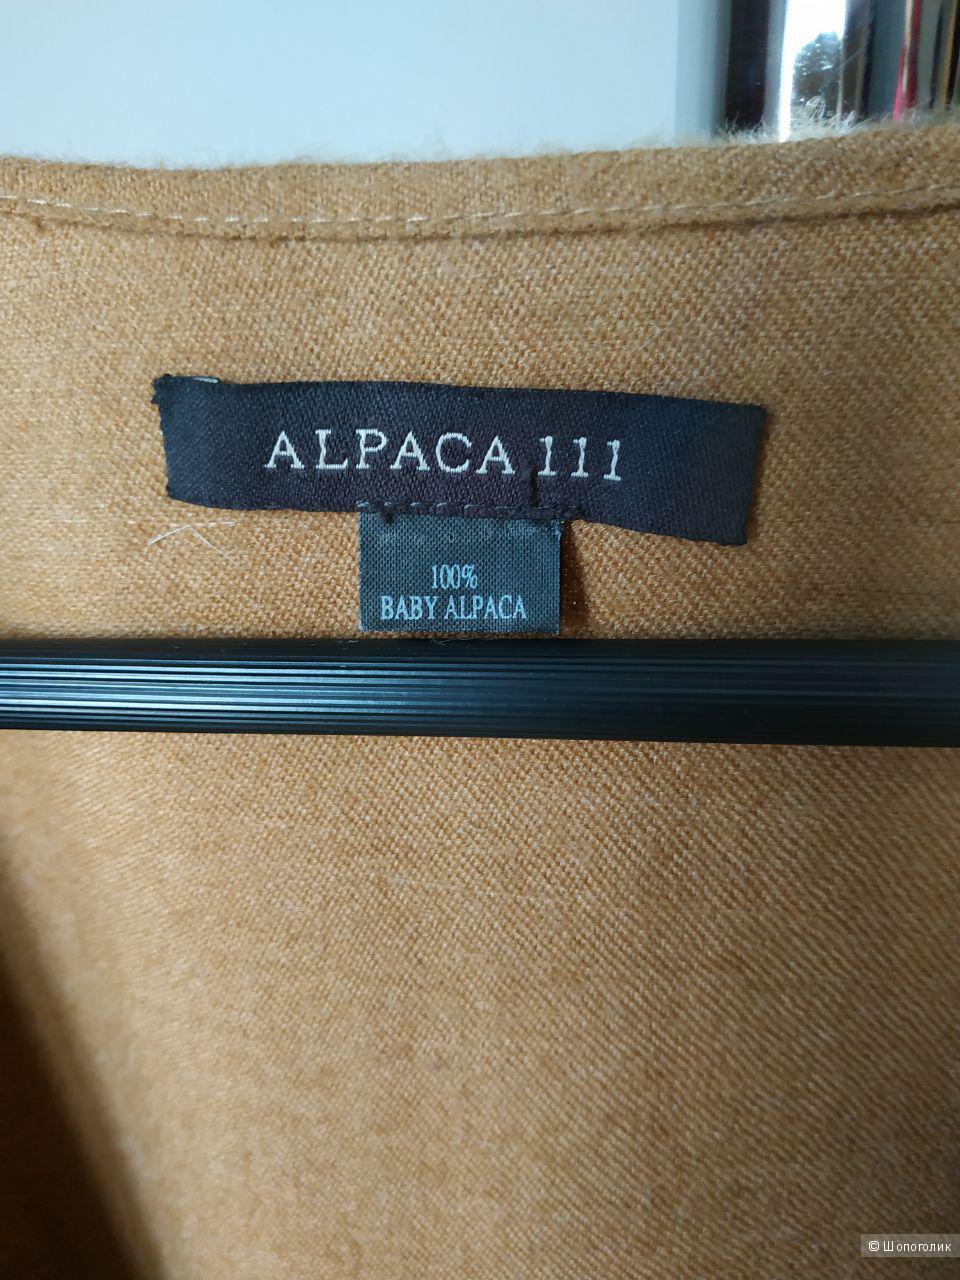 Пончо Alpaca 111, размер One size